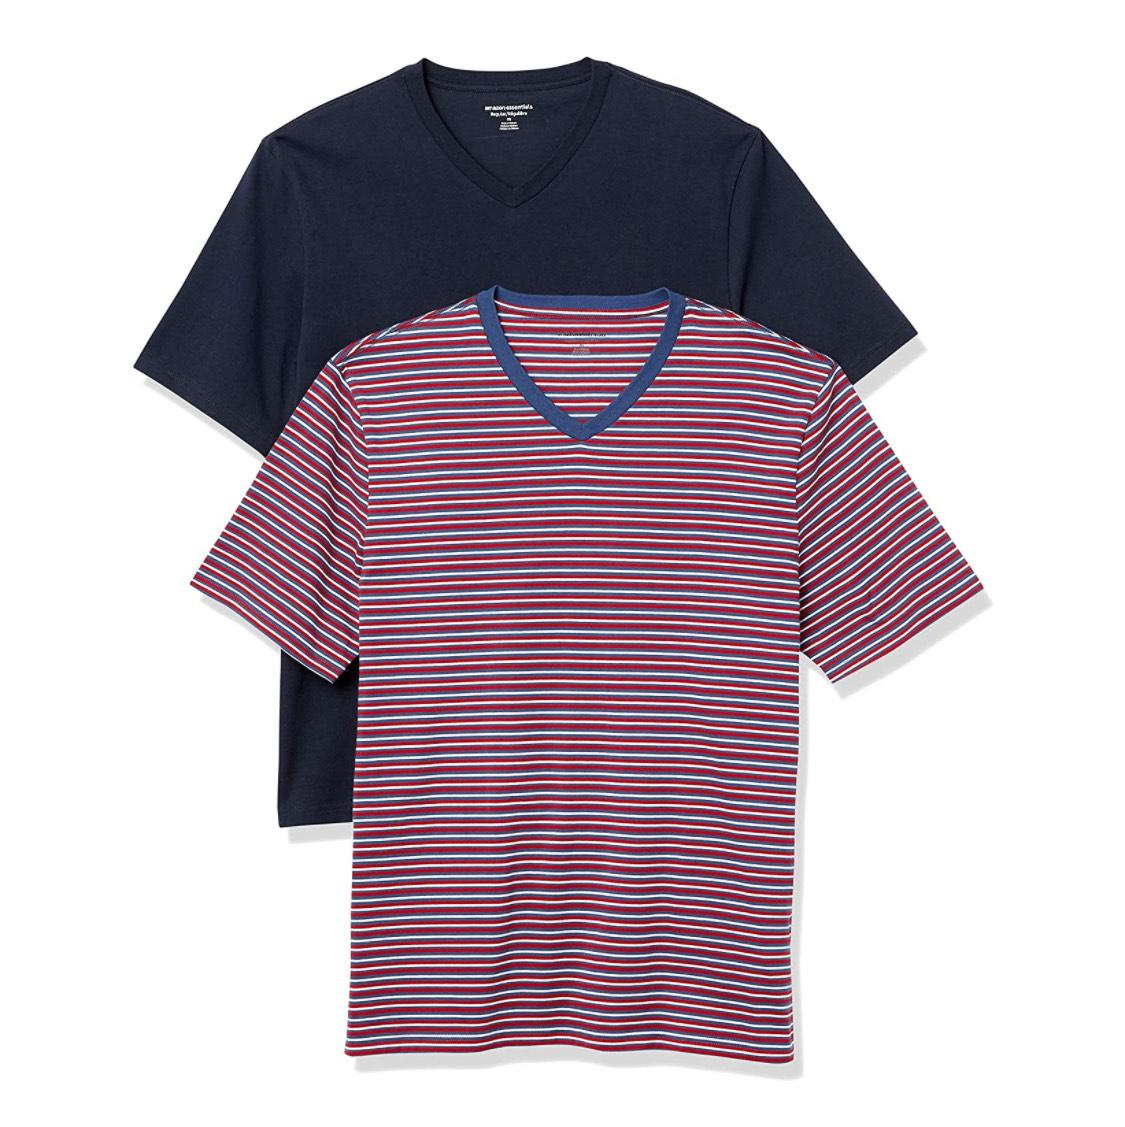 Pack dos camisetas hombre talla M (hay combinaciones económicas hasta la talla L)